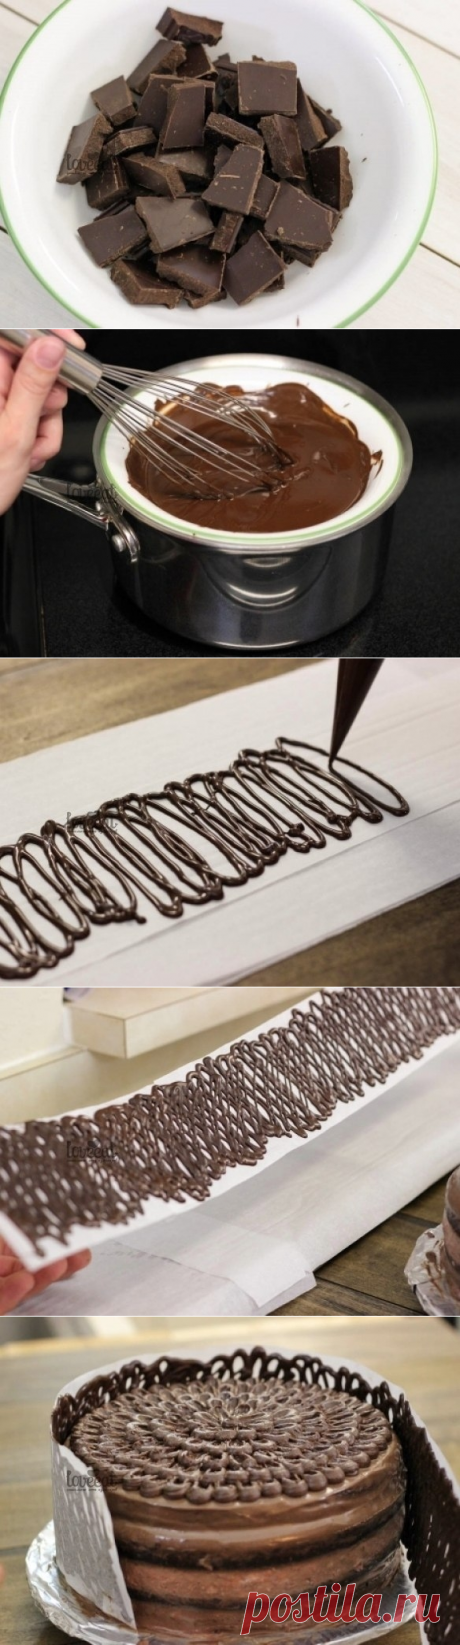 Как приготовить шоколадный заборчик для торта. - рецепт, ингредиенты и фотографии